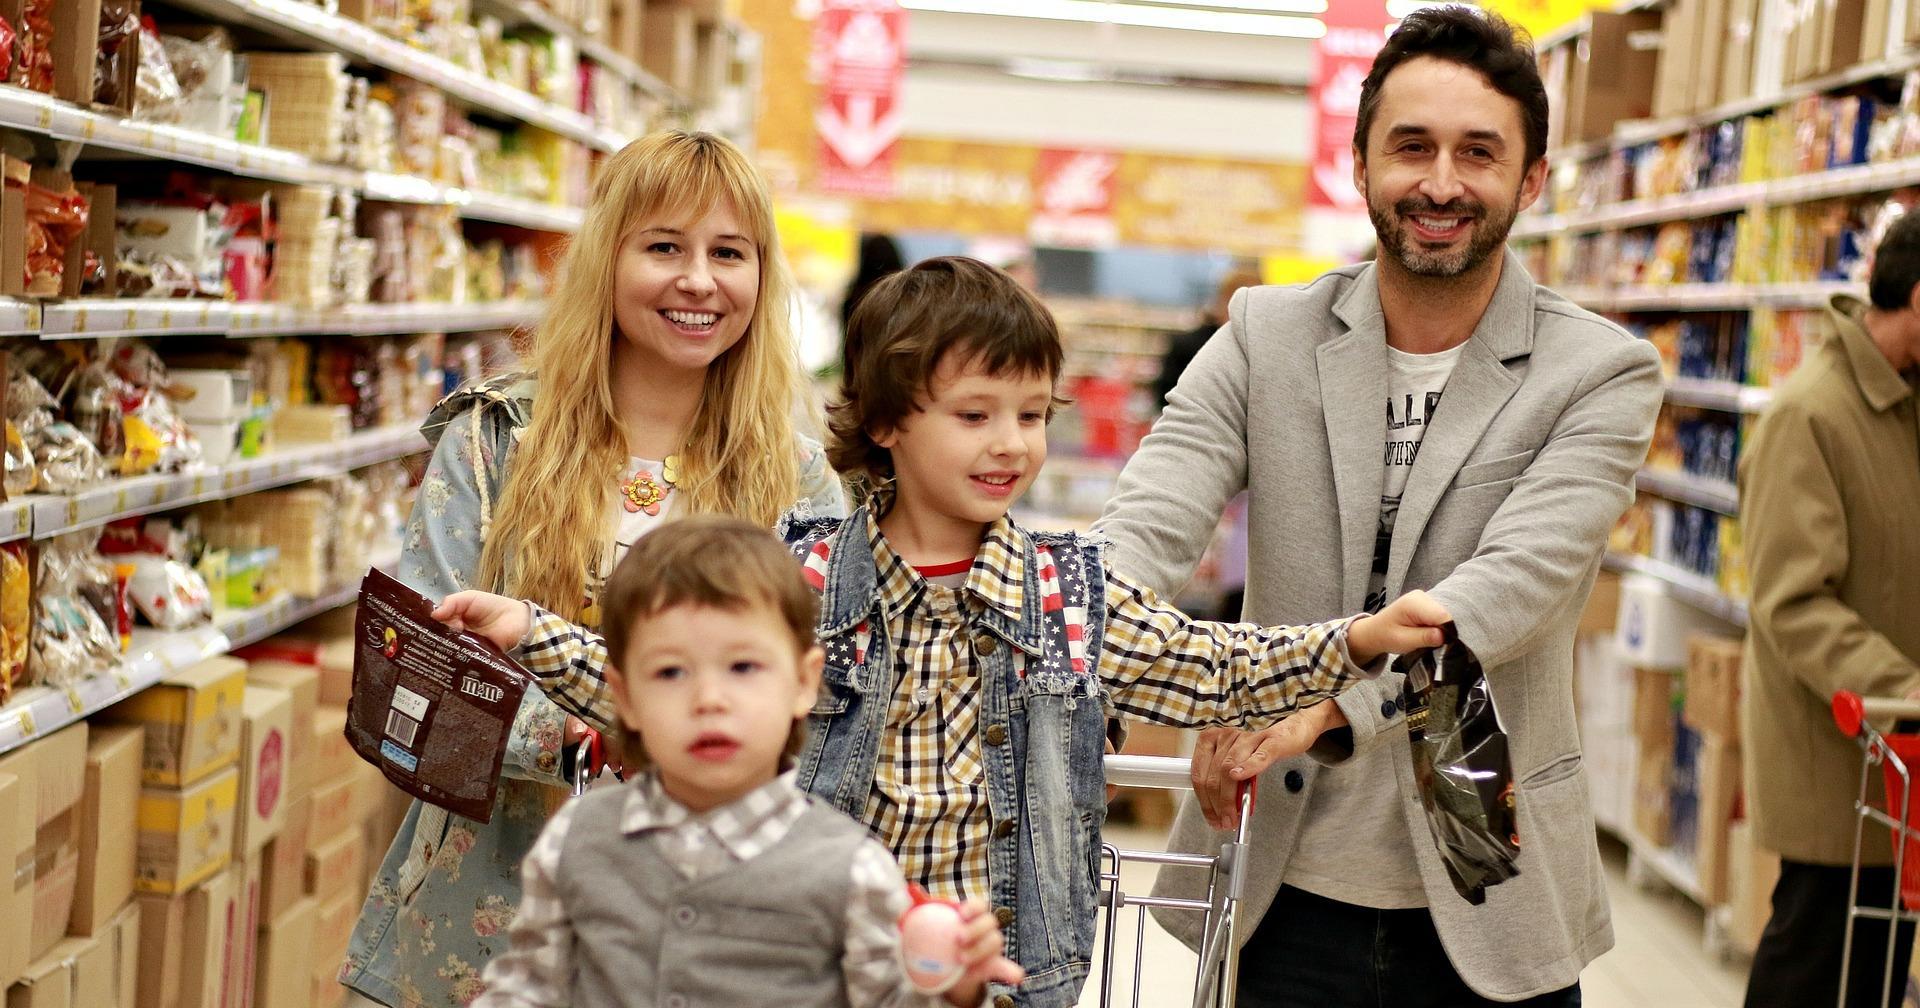 Tüketicilerin %57'si  yeni ürünleri denemeyi seviyor